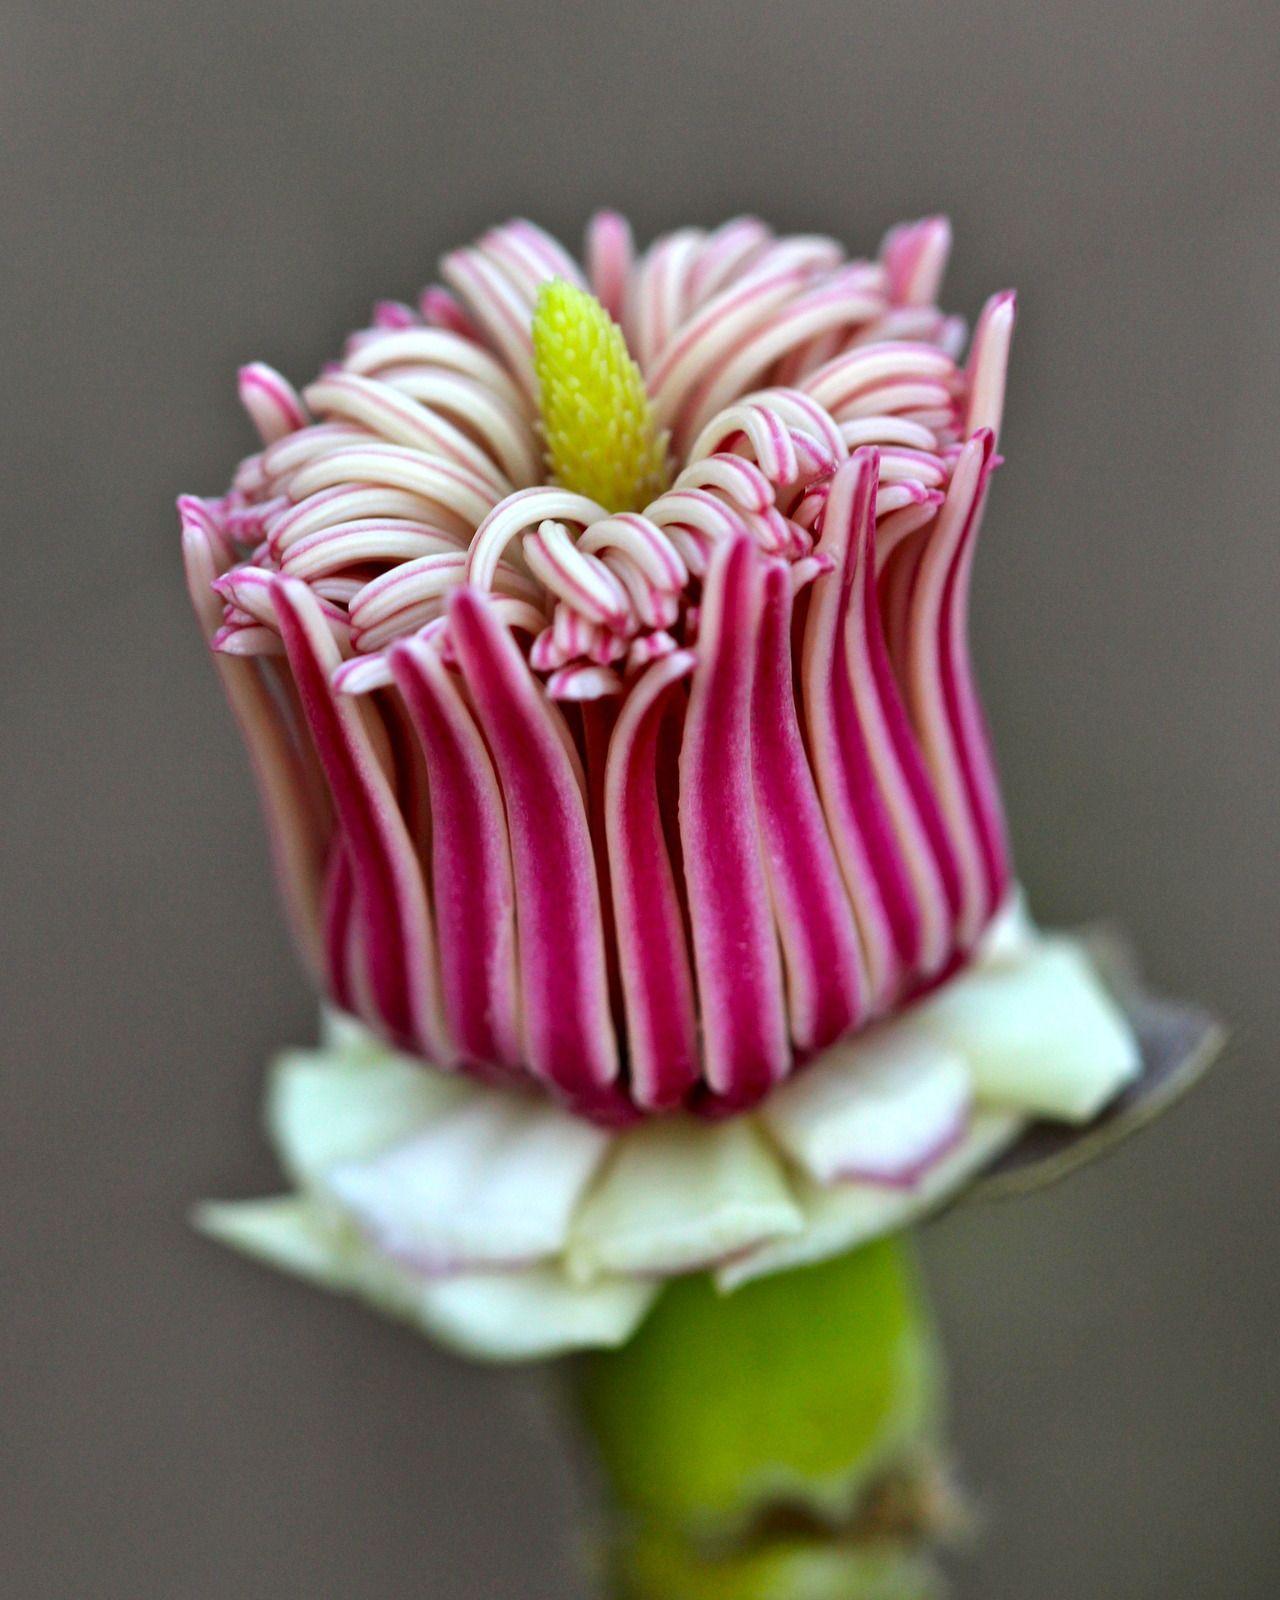 : Magnolia Flower: